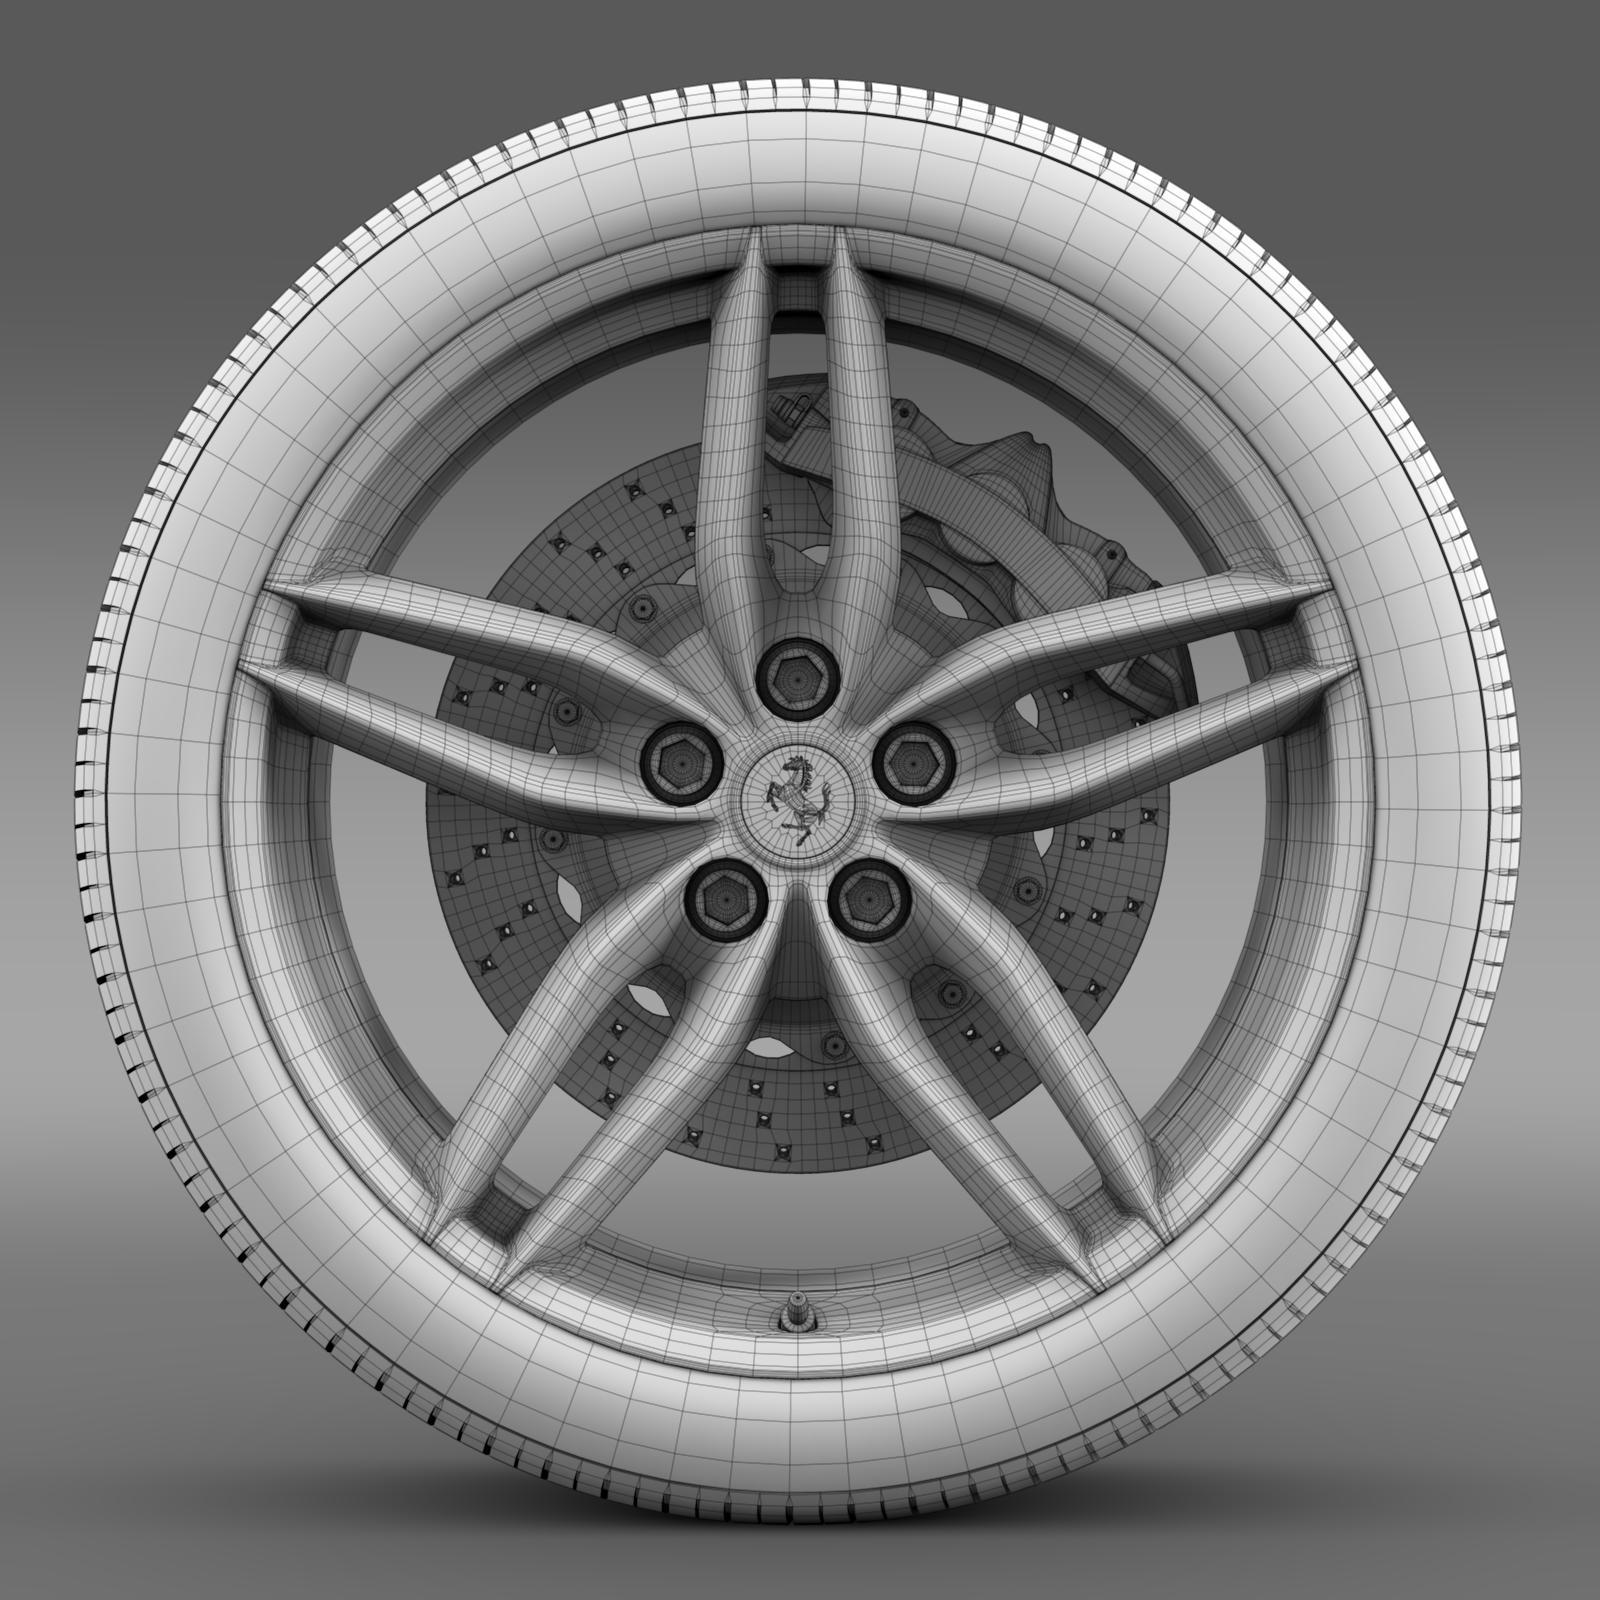 ferrari 488 gtb 2015 wheel 3d model 3ds max fbx c4d lwo ma mb hrc xsi obj 210691